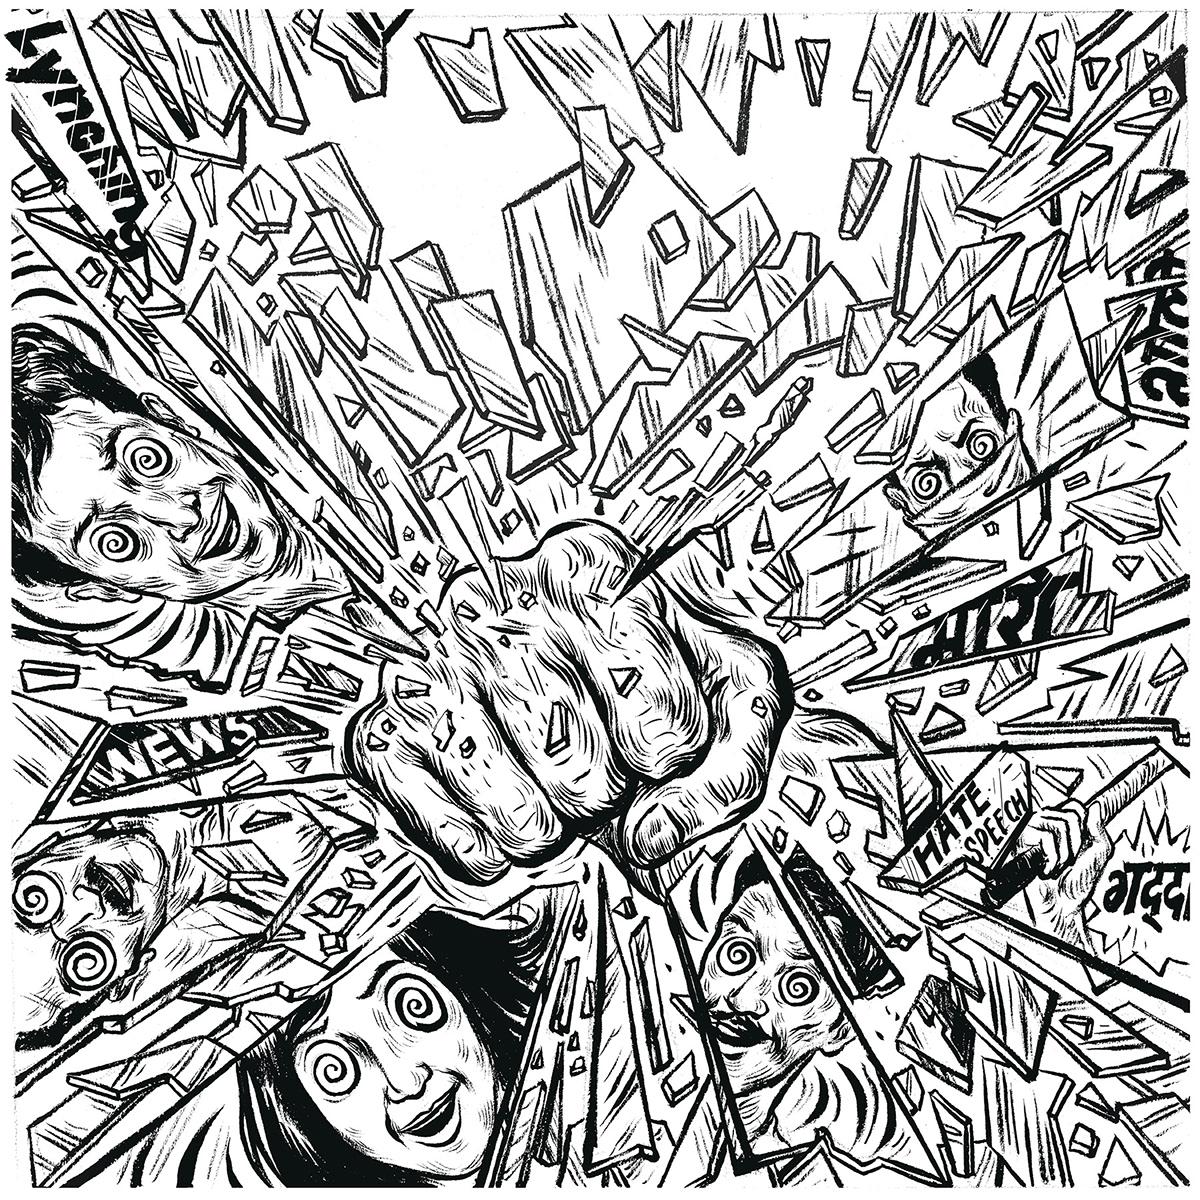 albumart ArtDirection artwork Digital Art  Drawing  illustartion inkdrawing